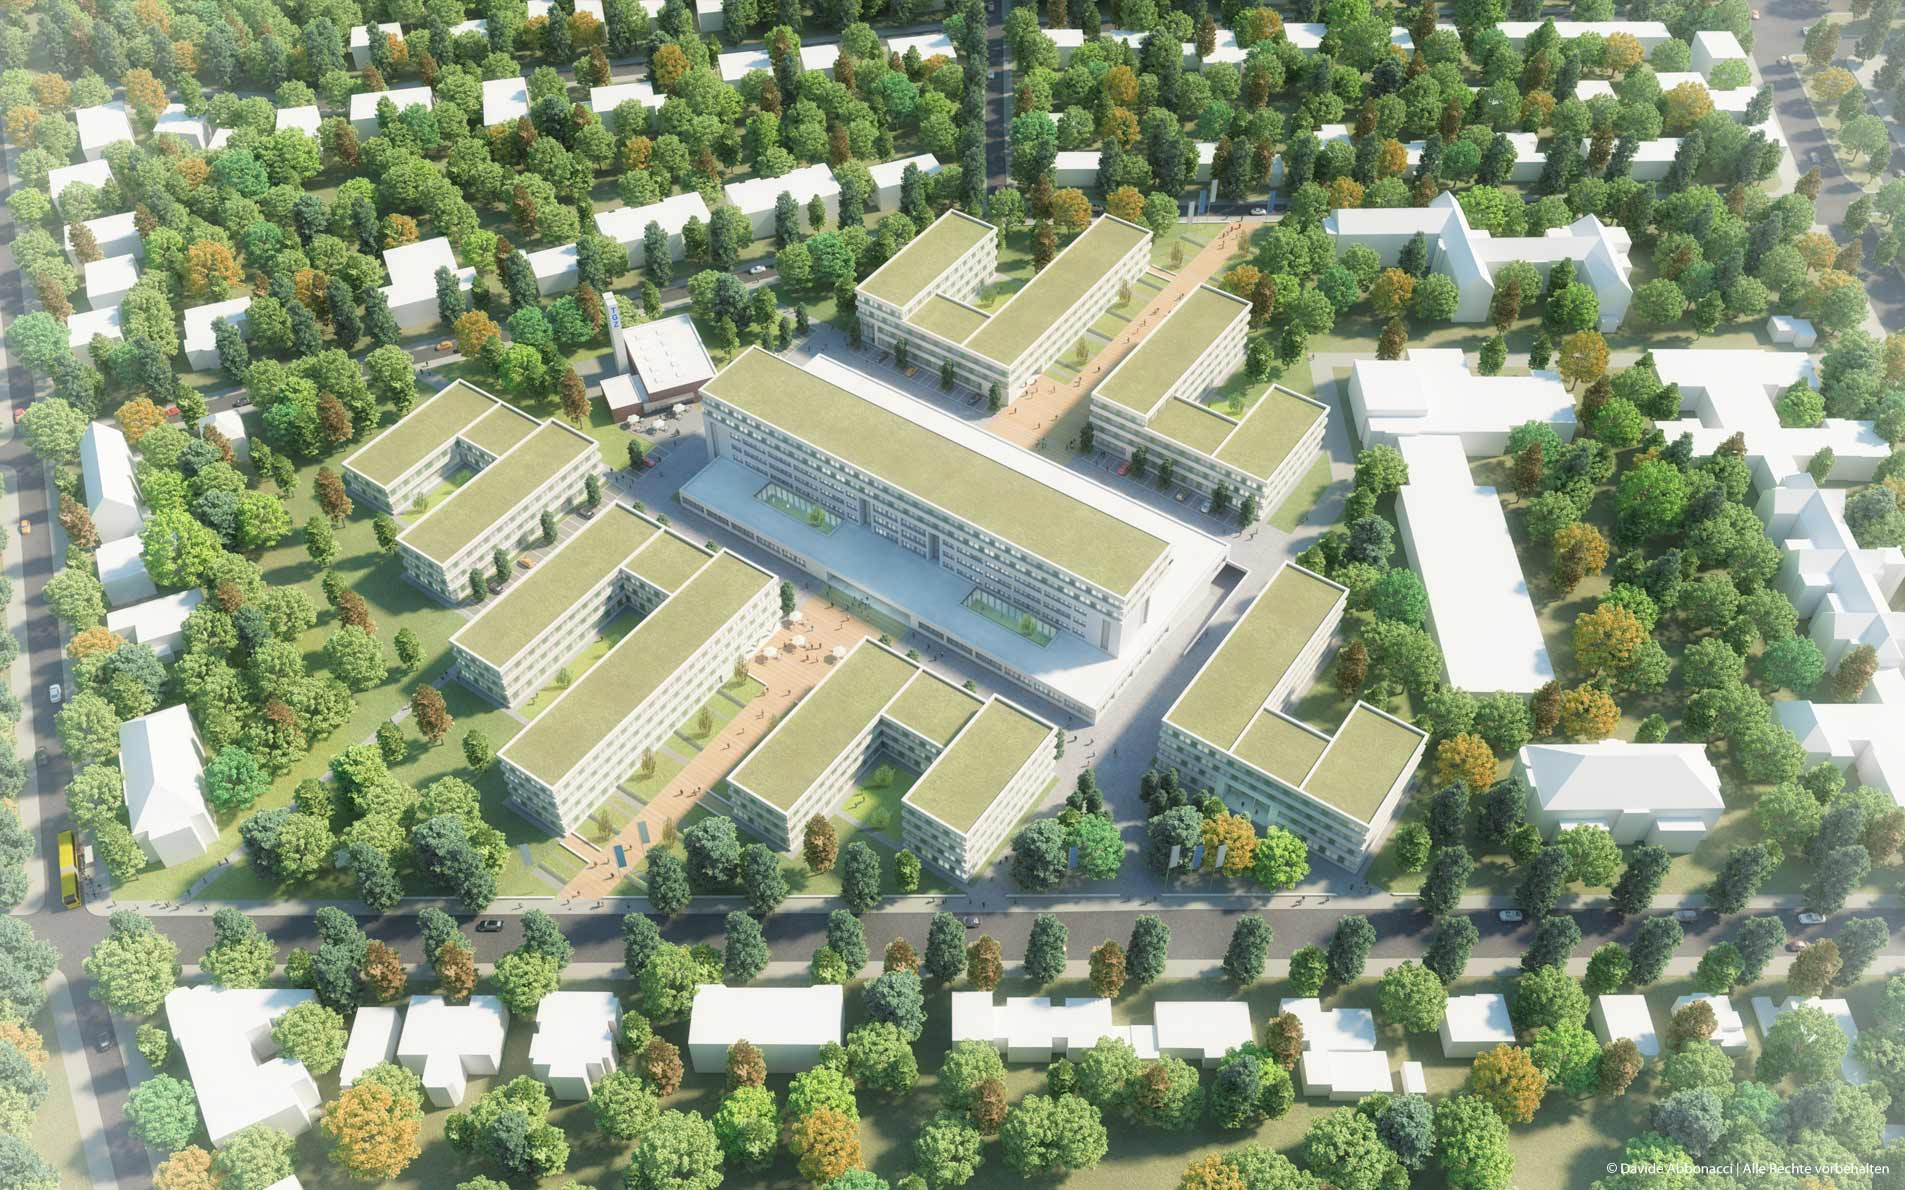 Technologie- und Gründerzentrum Südwest, Berlin   Numrich Albrecht Klumpp Architekten   2015 Masterplan